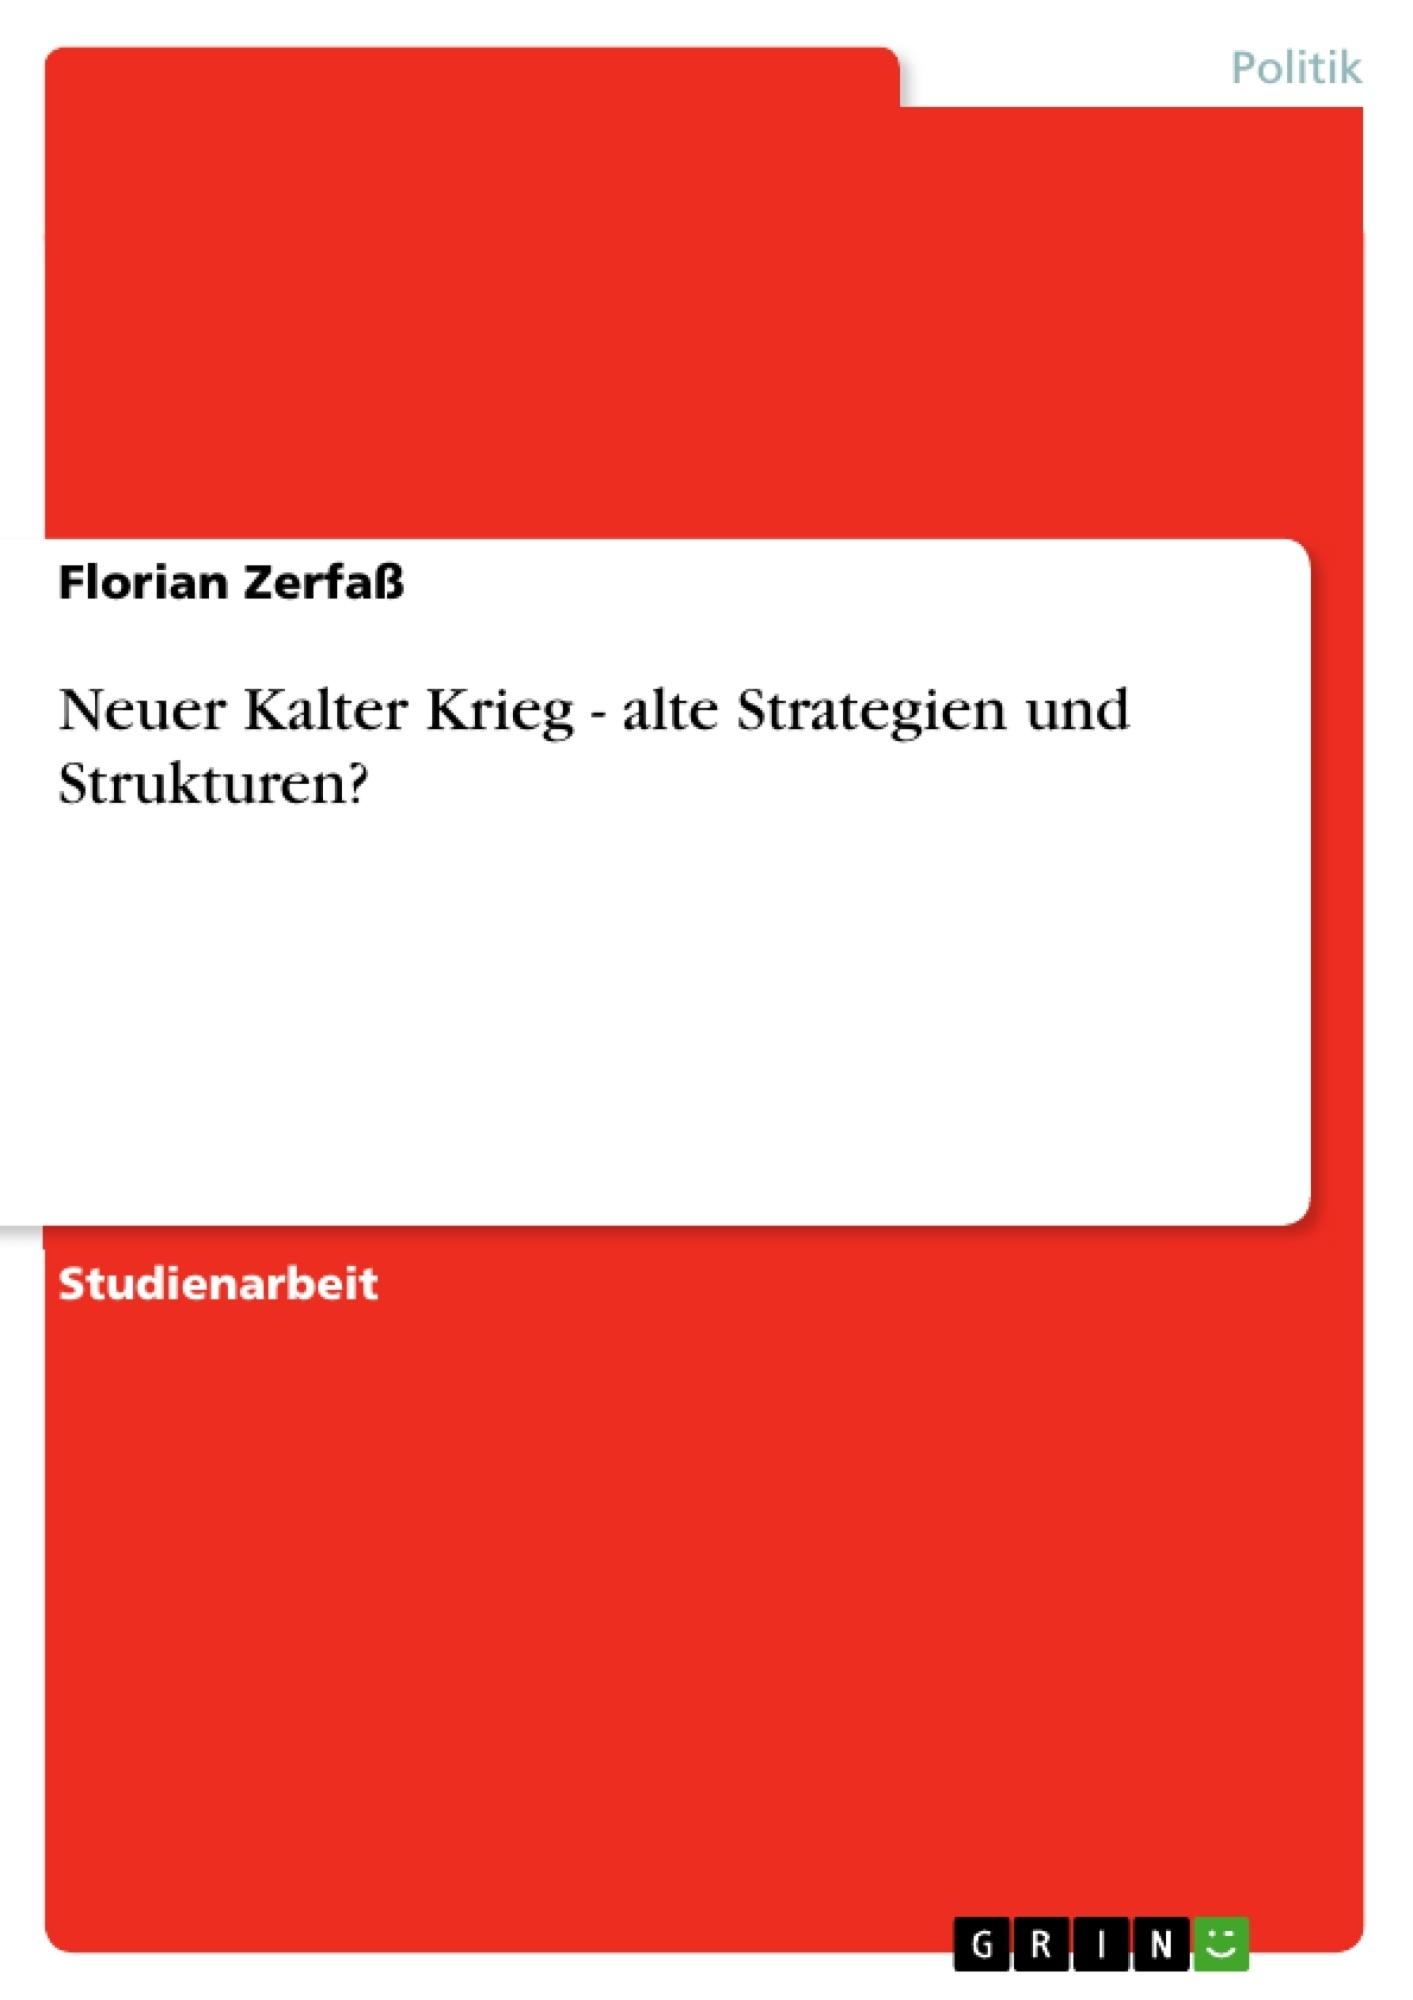 Titel: Neuer Kalter Krieg - alte Strategien und Strukturen?